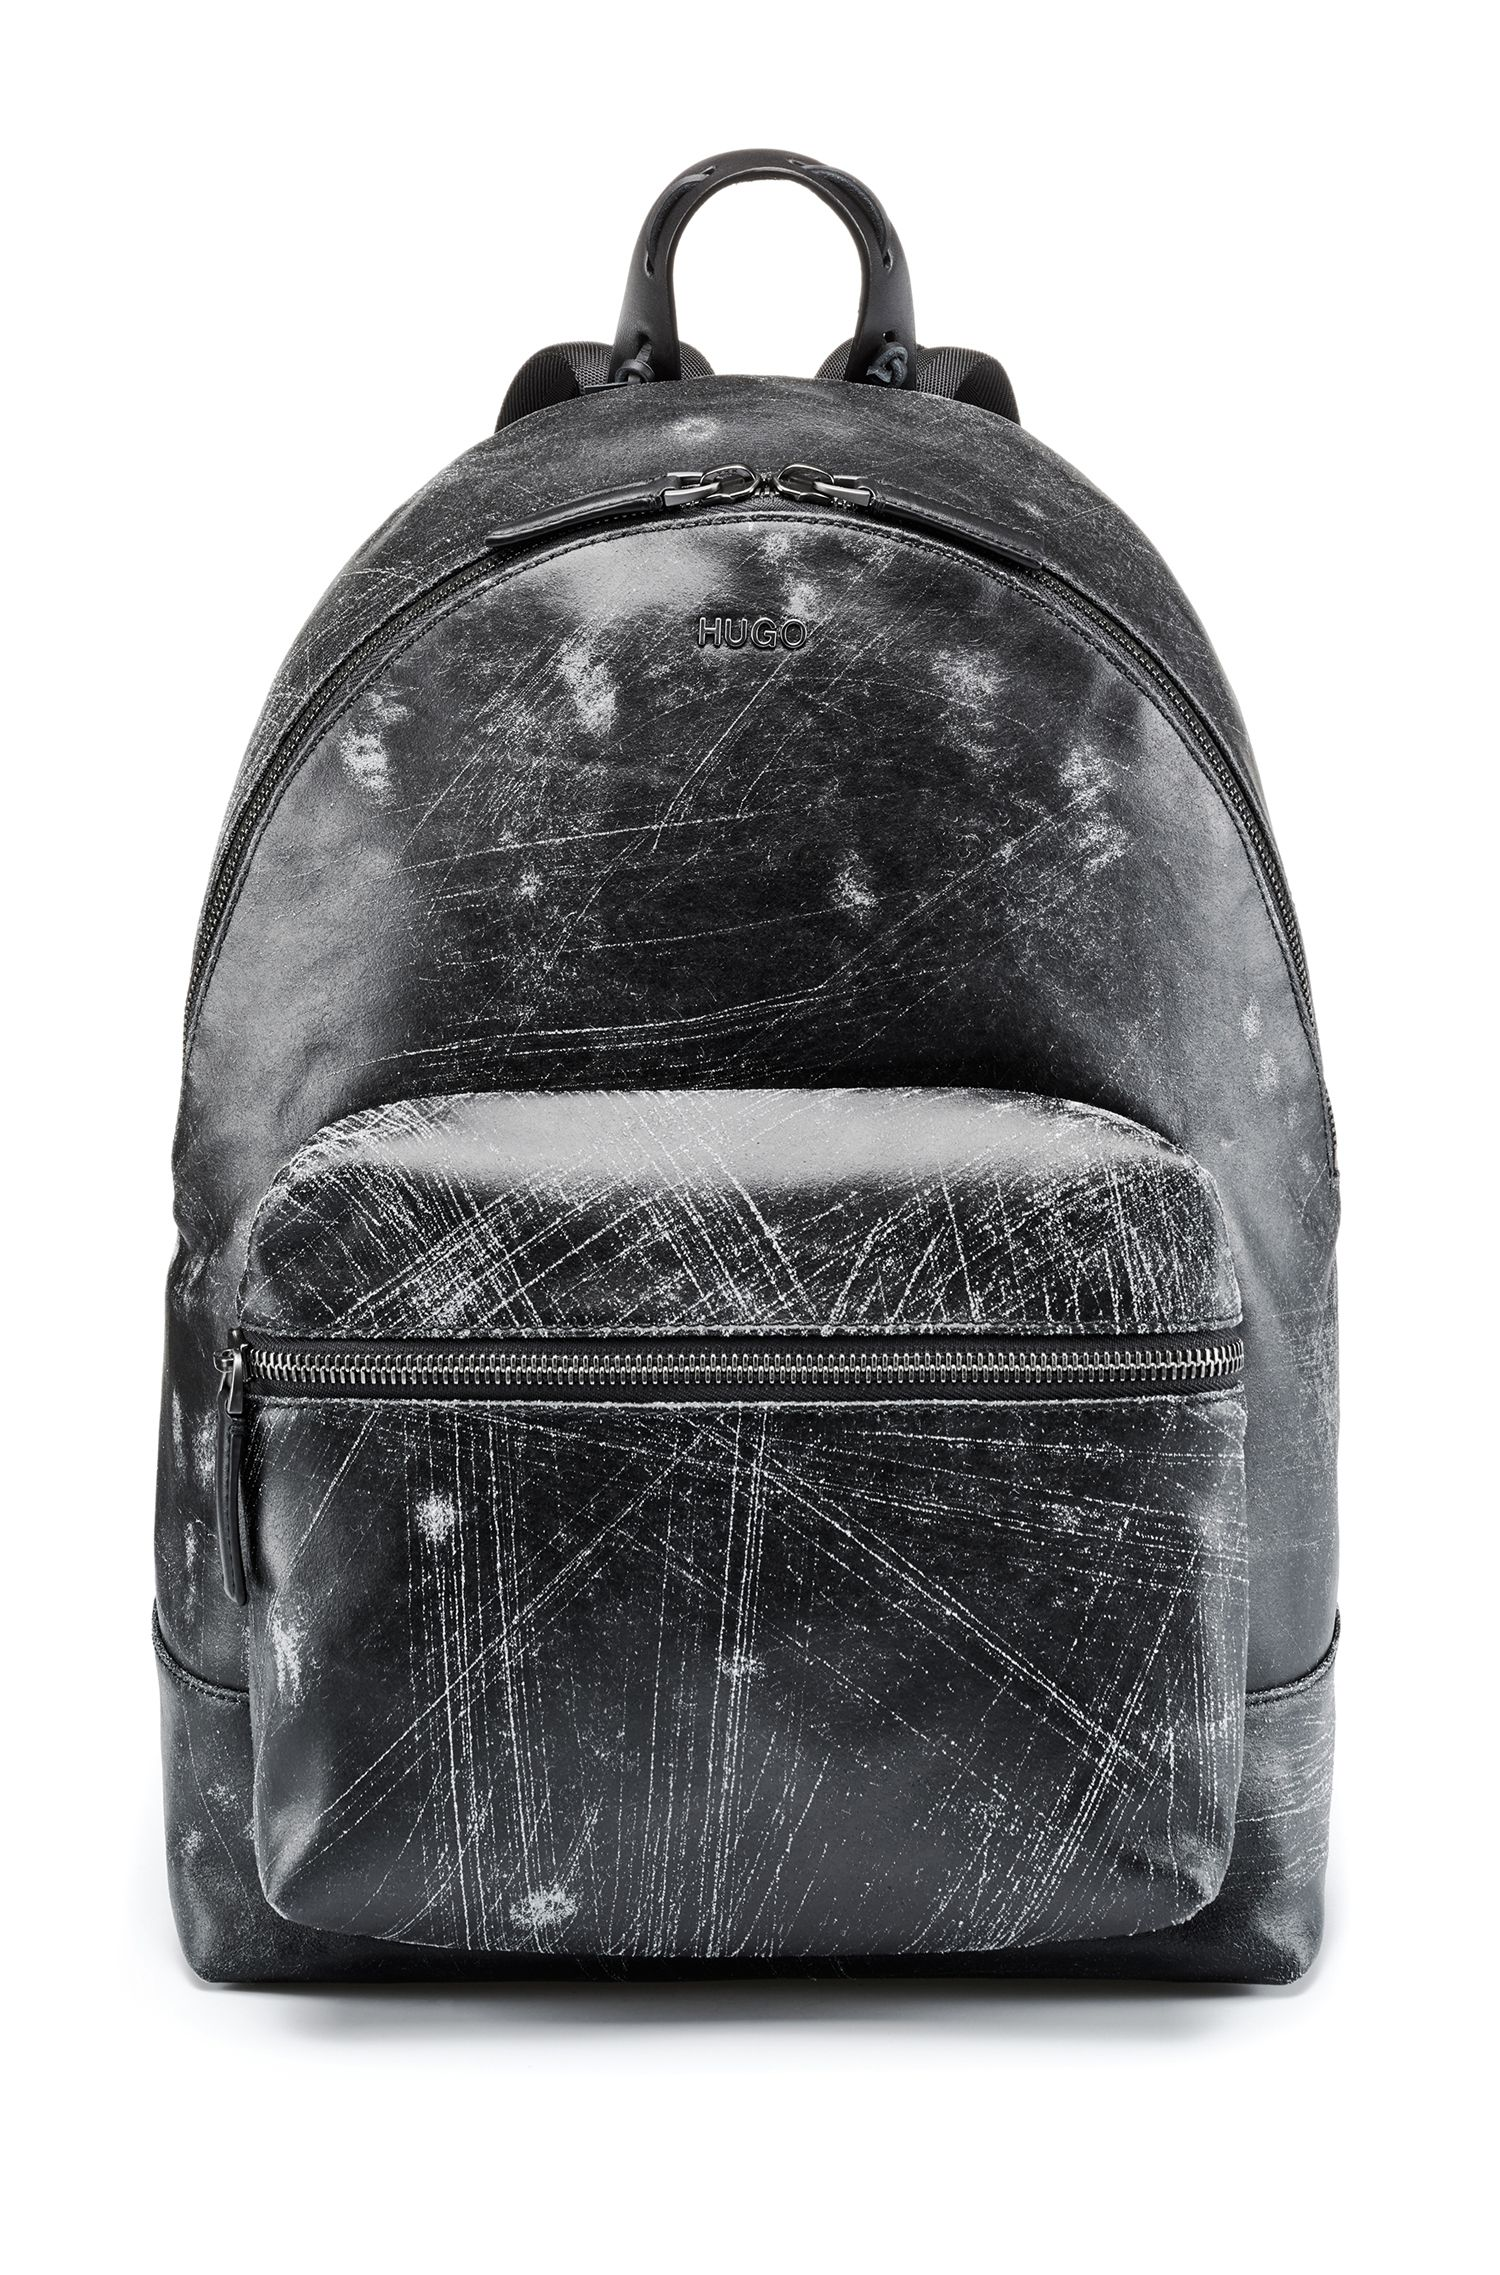 Rucksack aus italienischem Leder mit abstraktem Muster